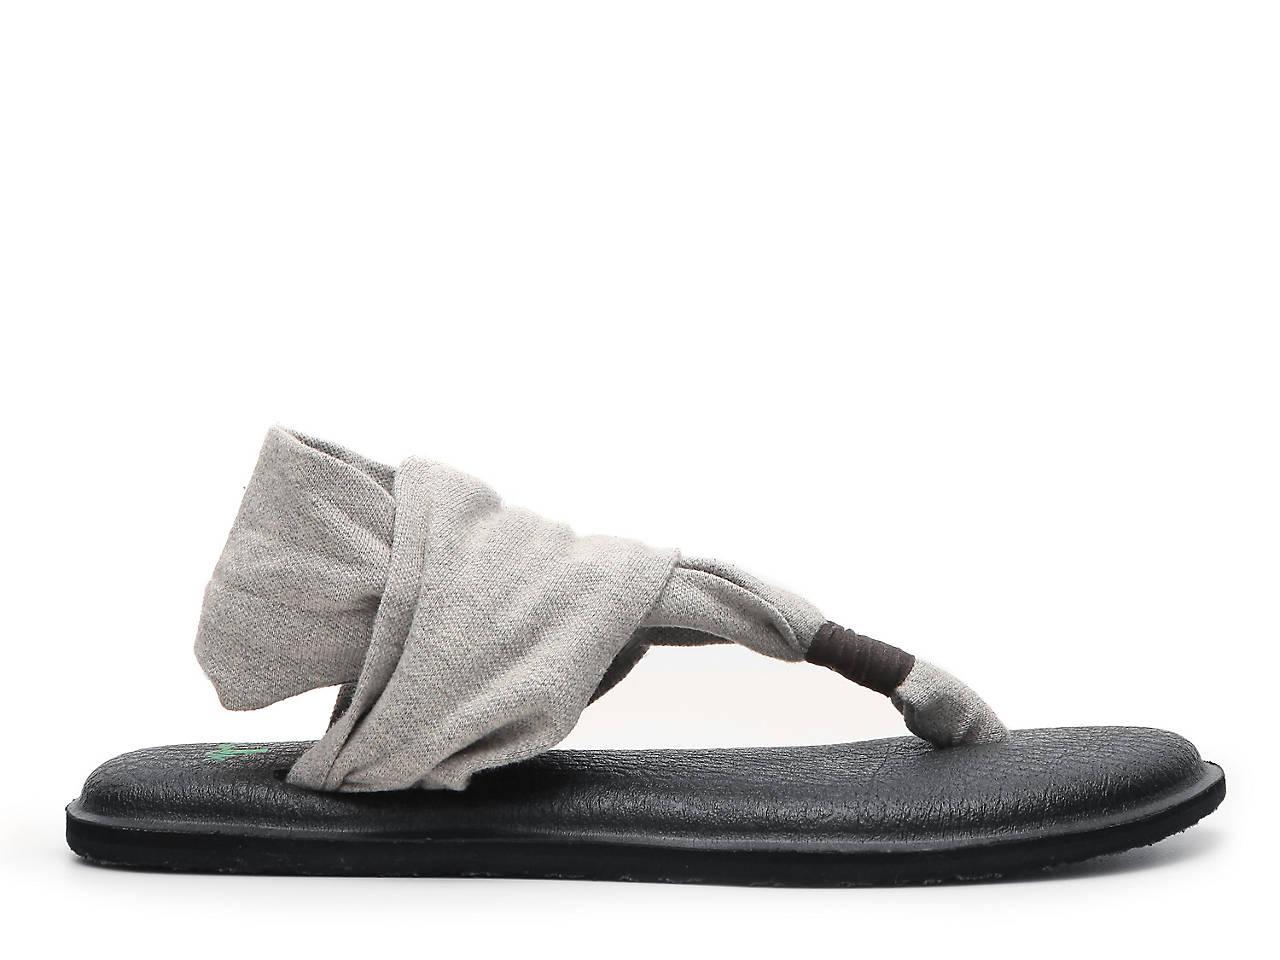 Sanuk Flat Yoga Sling Flat Sanuk Sandalo Donna scarpe   DSW 41149e